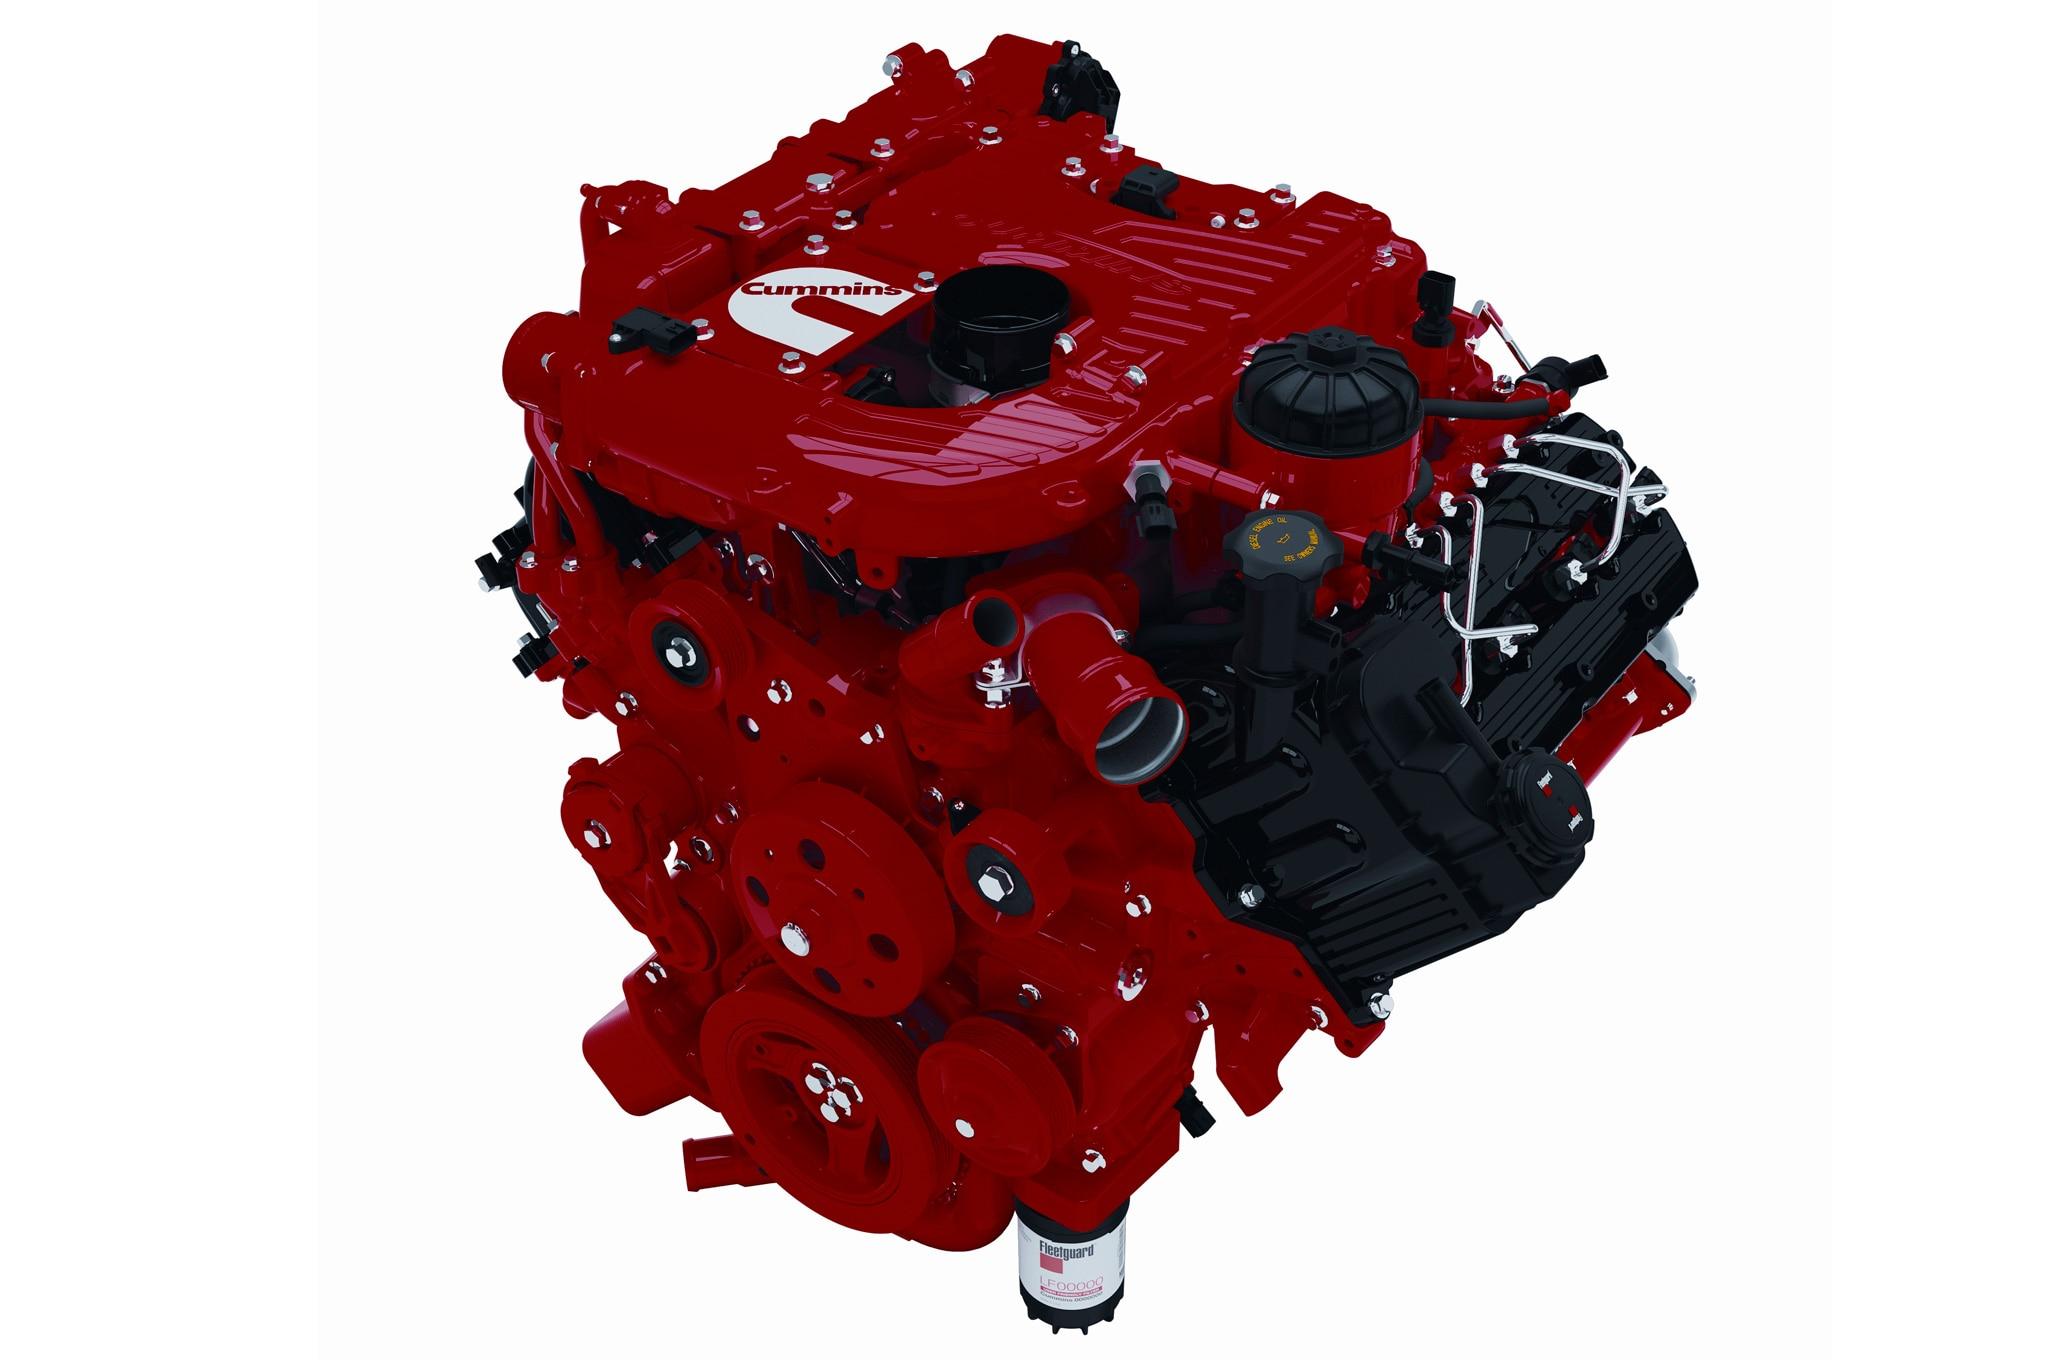 2015 Nissan Titan Cummins Diesel V 8 Engine View1